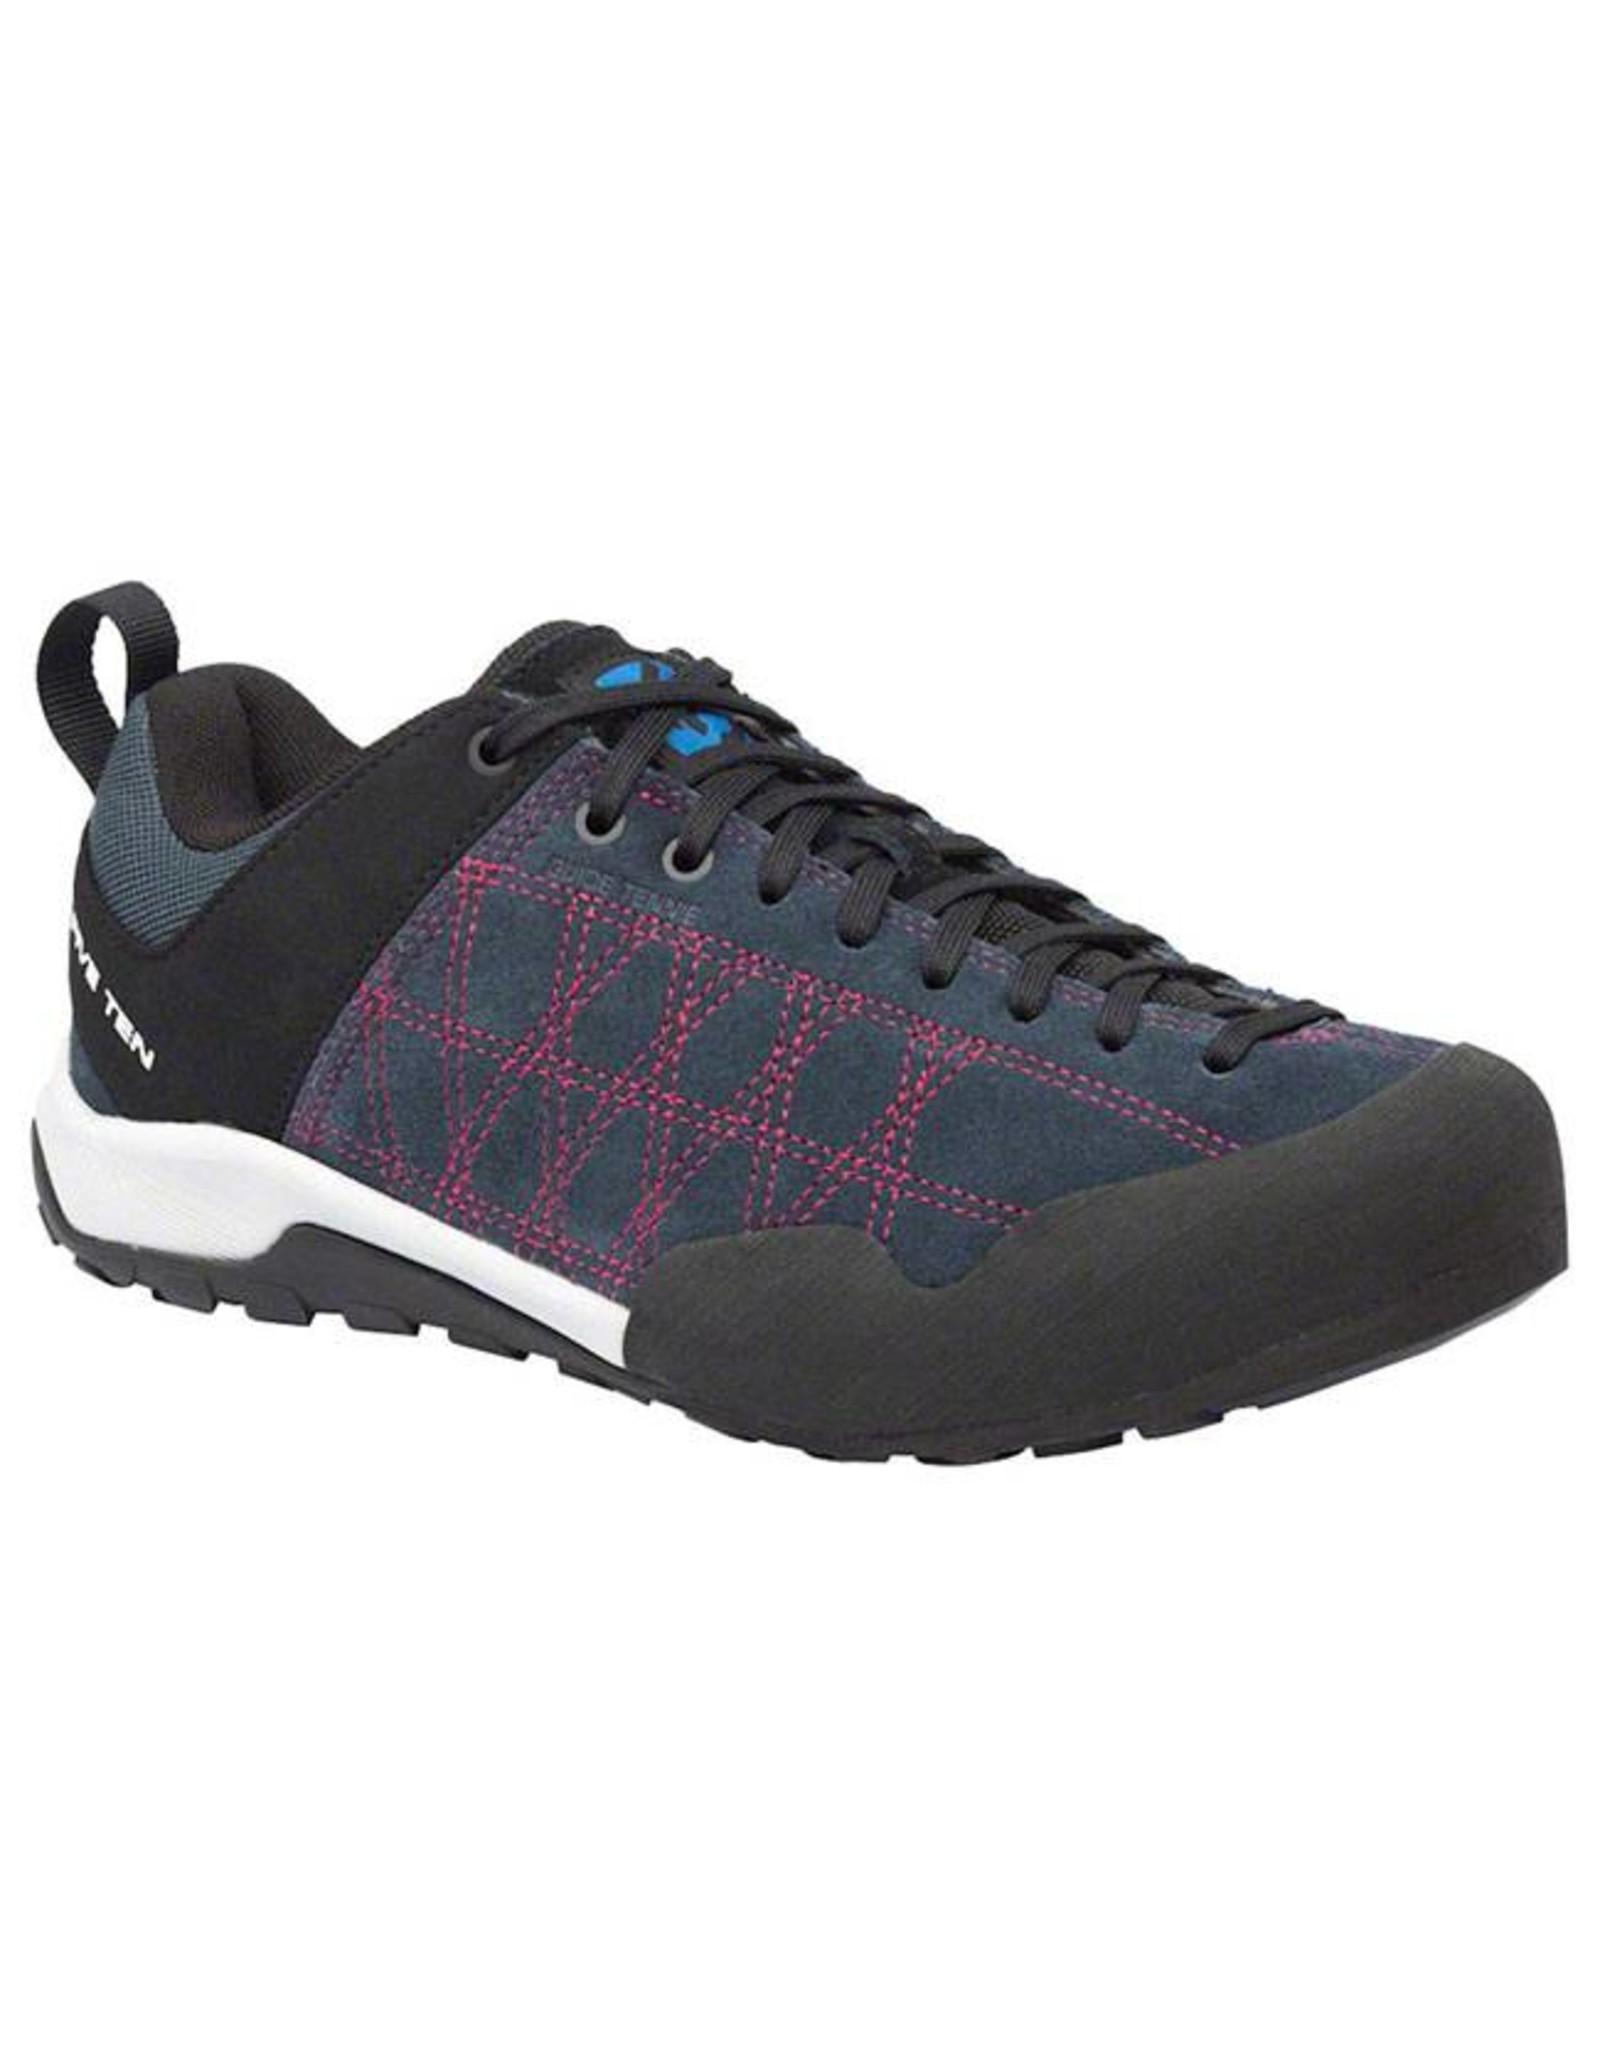 Five Ten Five Ten Guide Tennie Women's Approach Shoe: Gray/Fuchsia 7.5